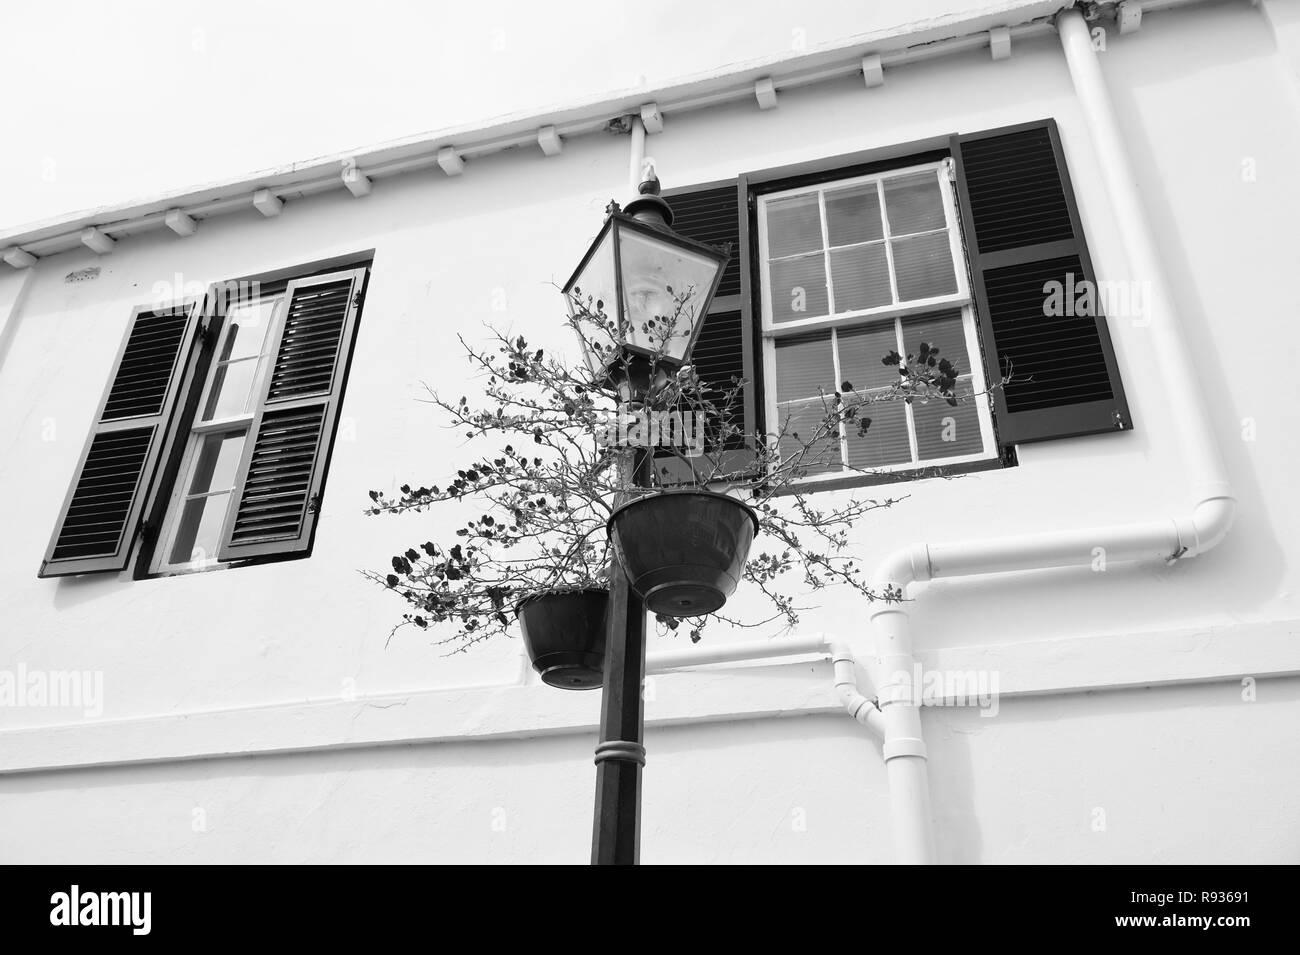 Lampione con vasi di fiori sulla facciata della casa di hamilton